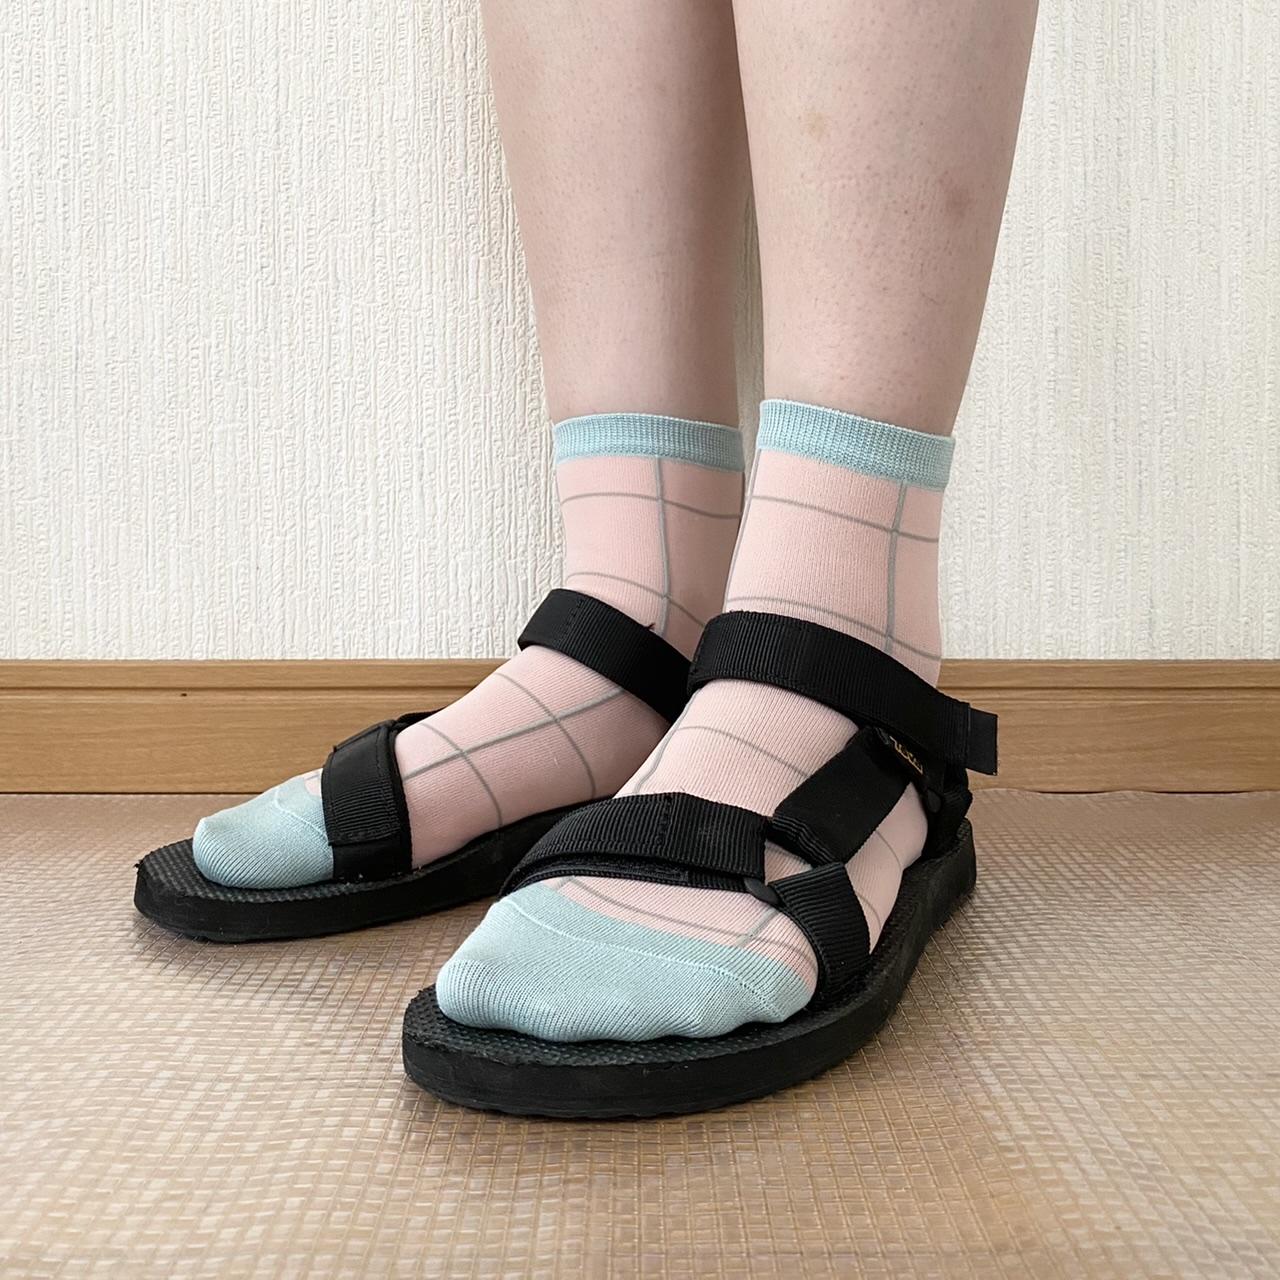 スポサン×カラフルなシアー素材の靴下